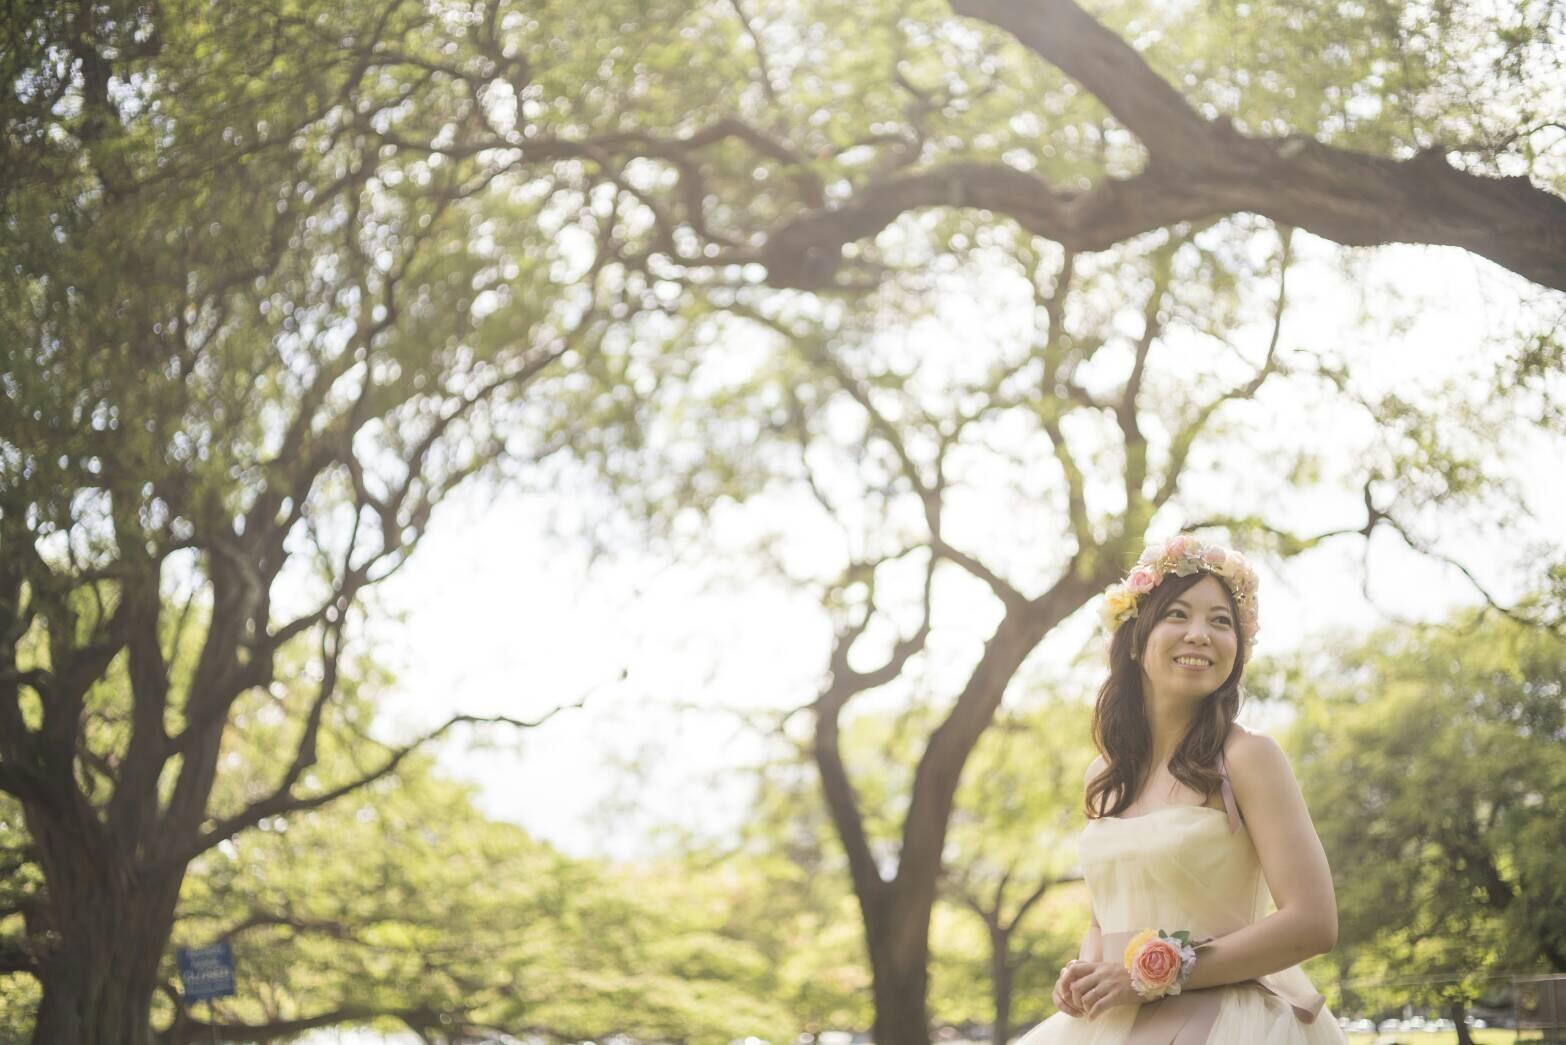 5月の花嫁_b0208604_23501843.jpeg